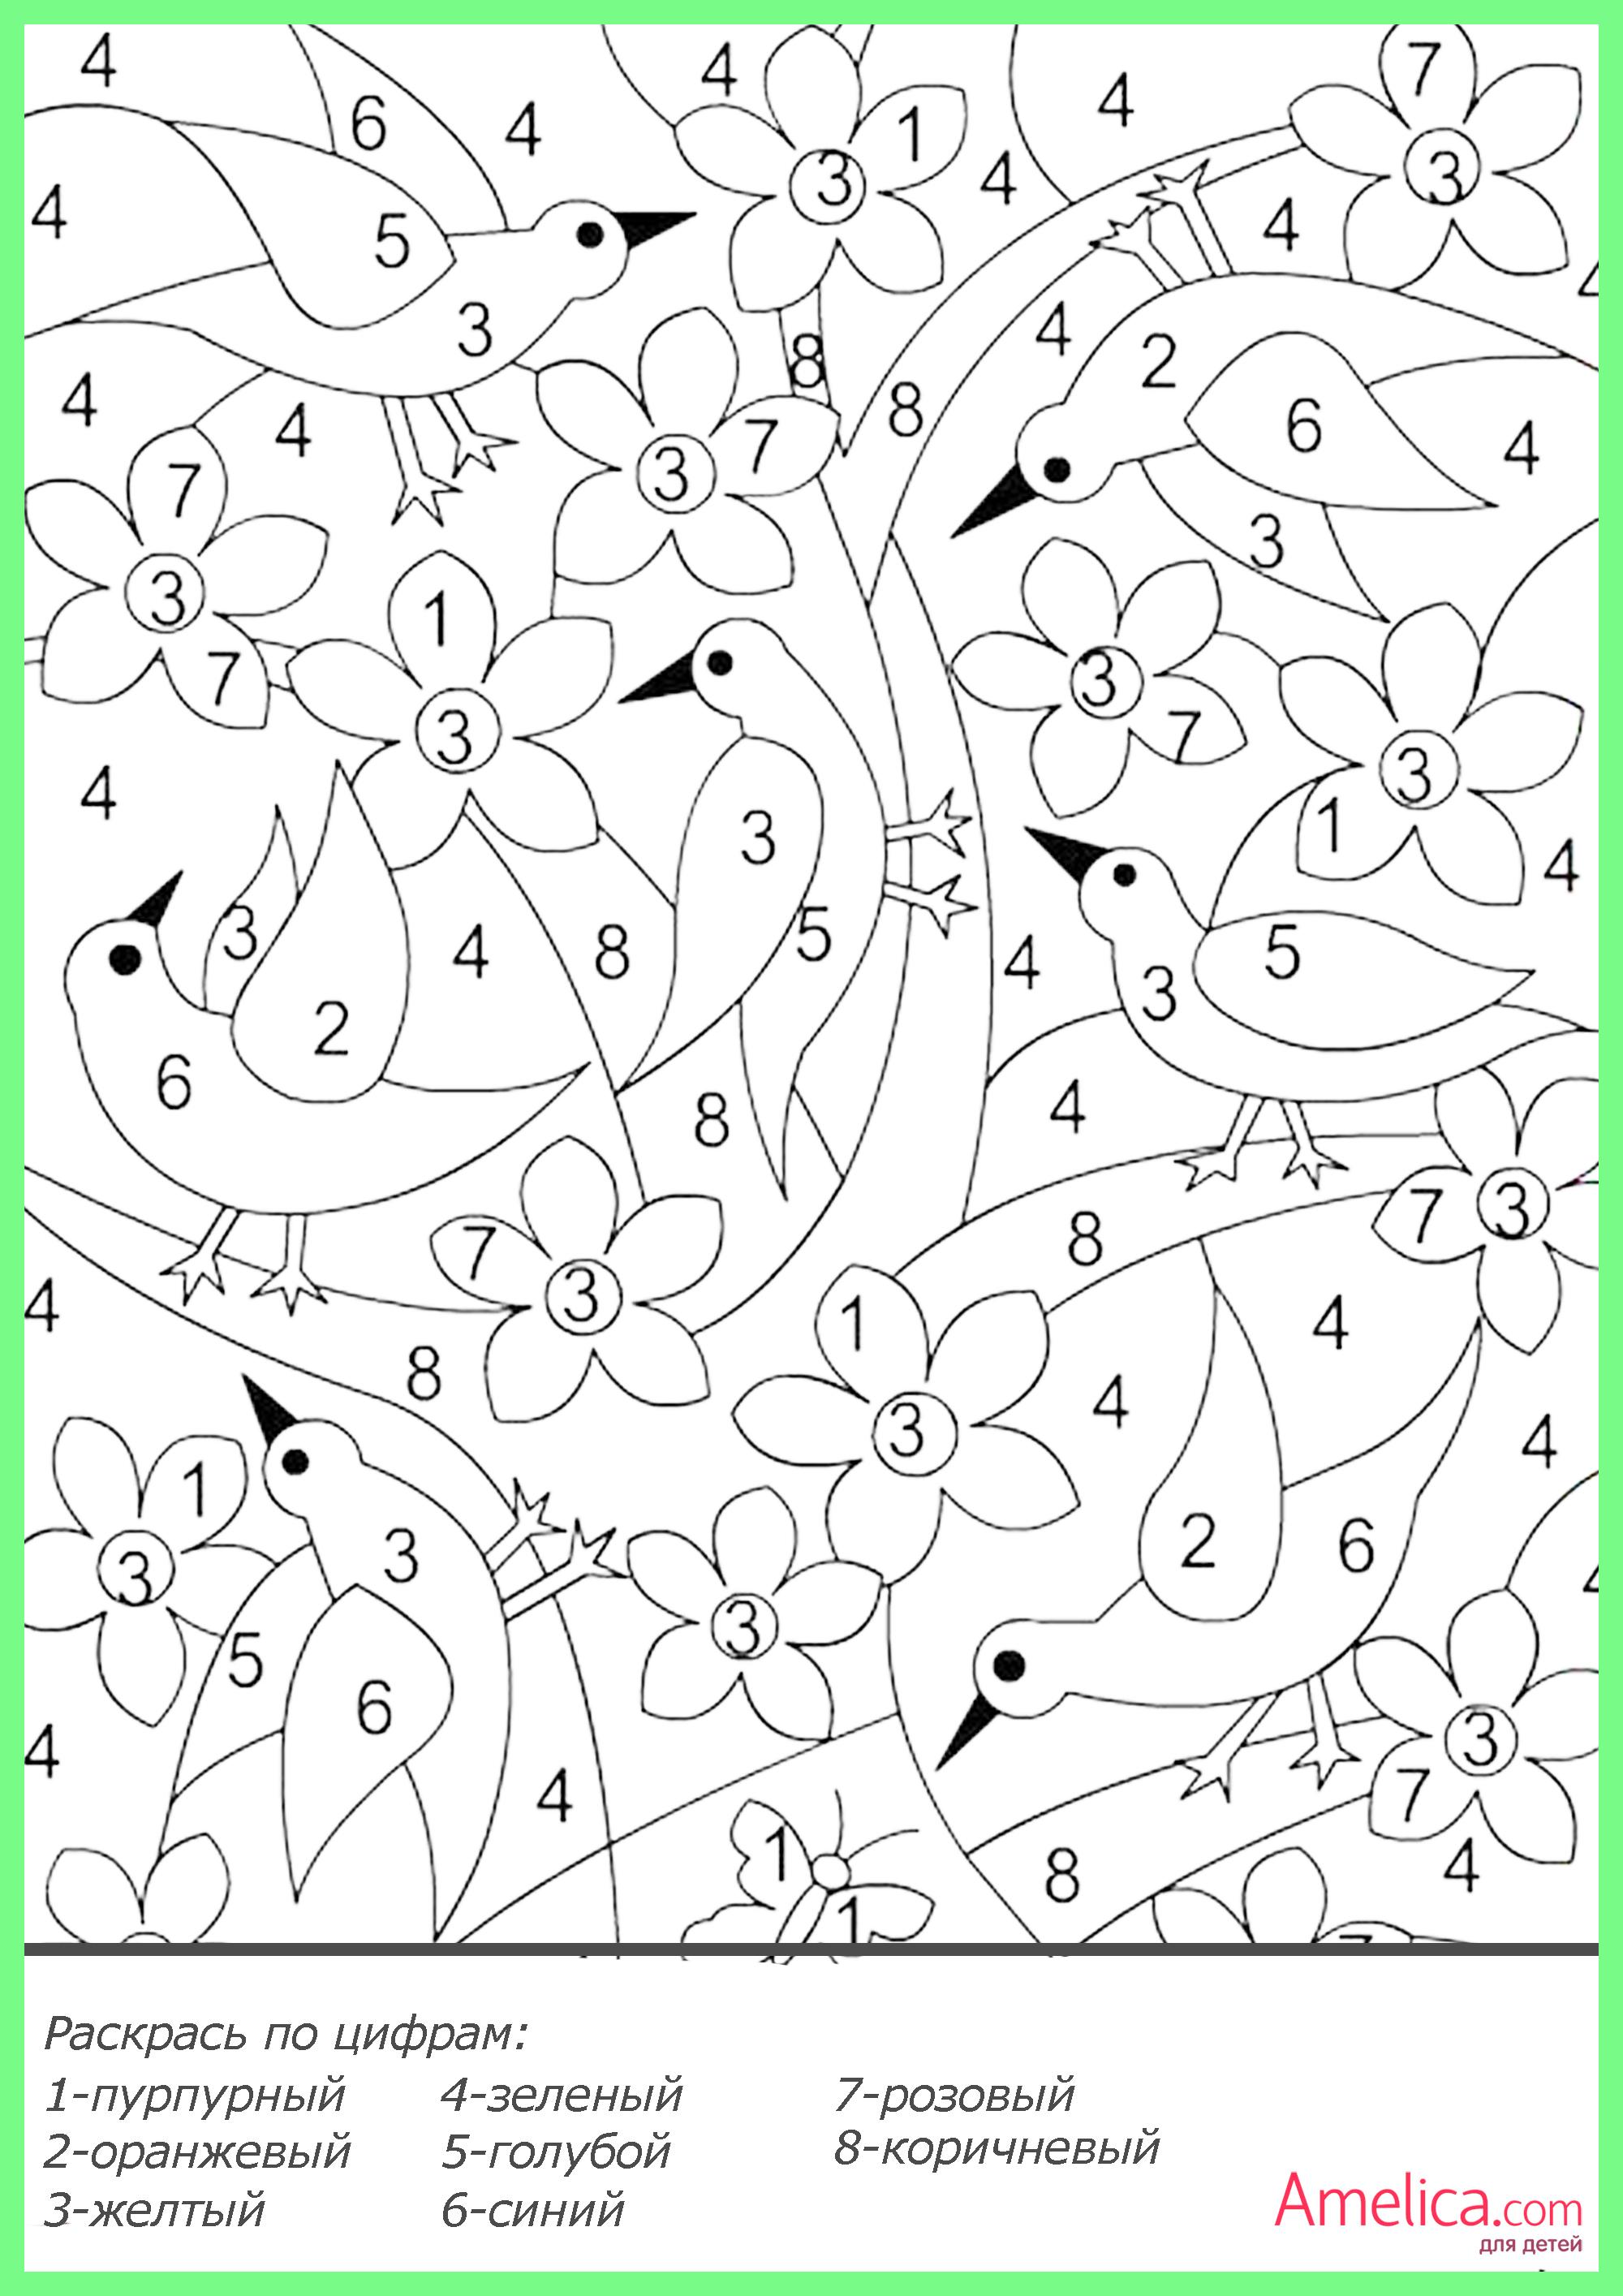 Раскраски онлайн бесплатно для детей 8 лет